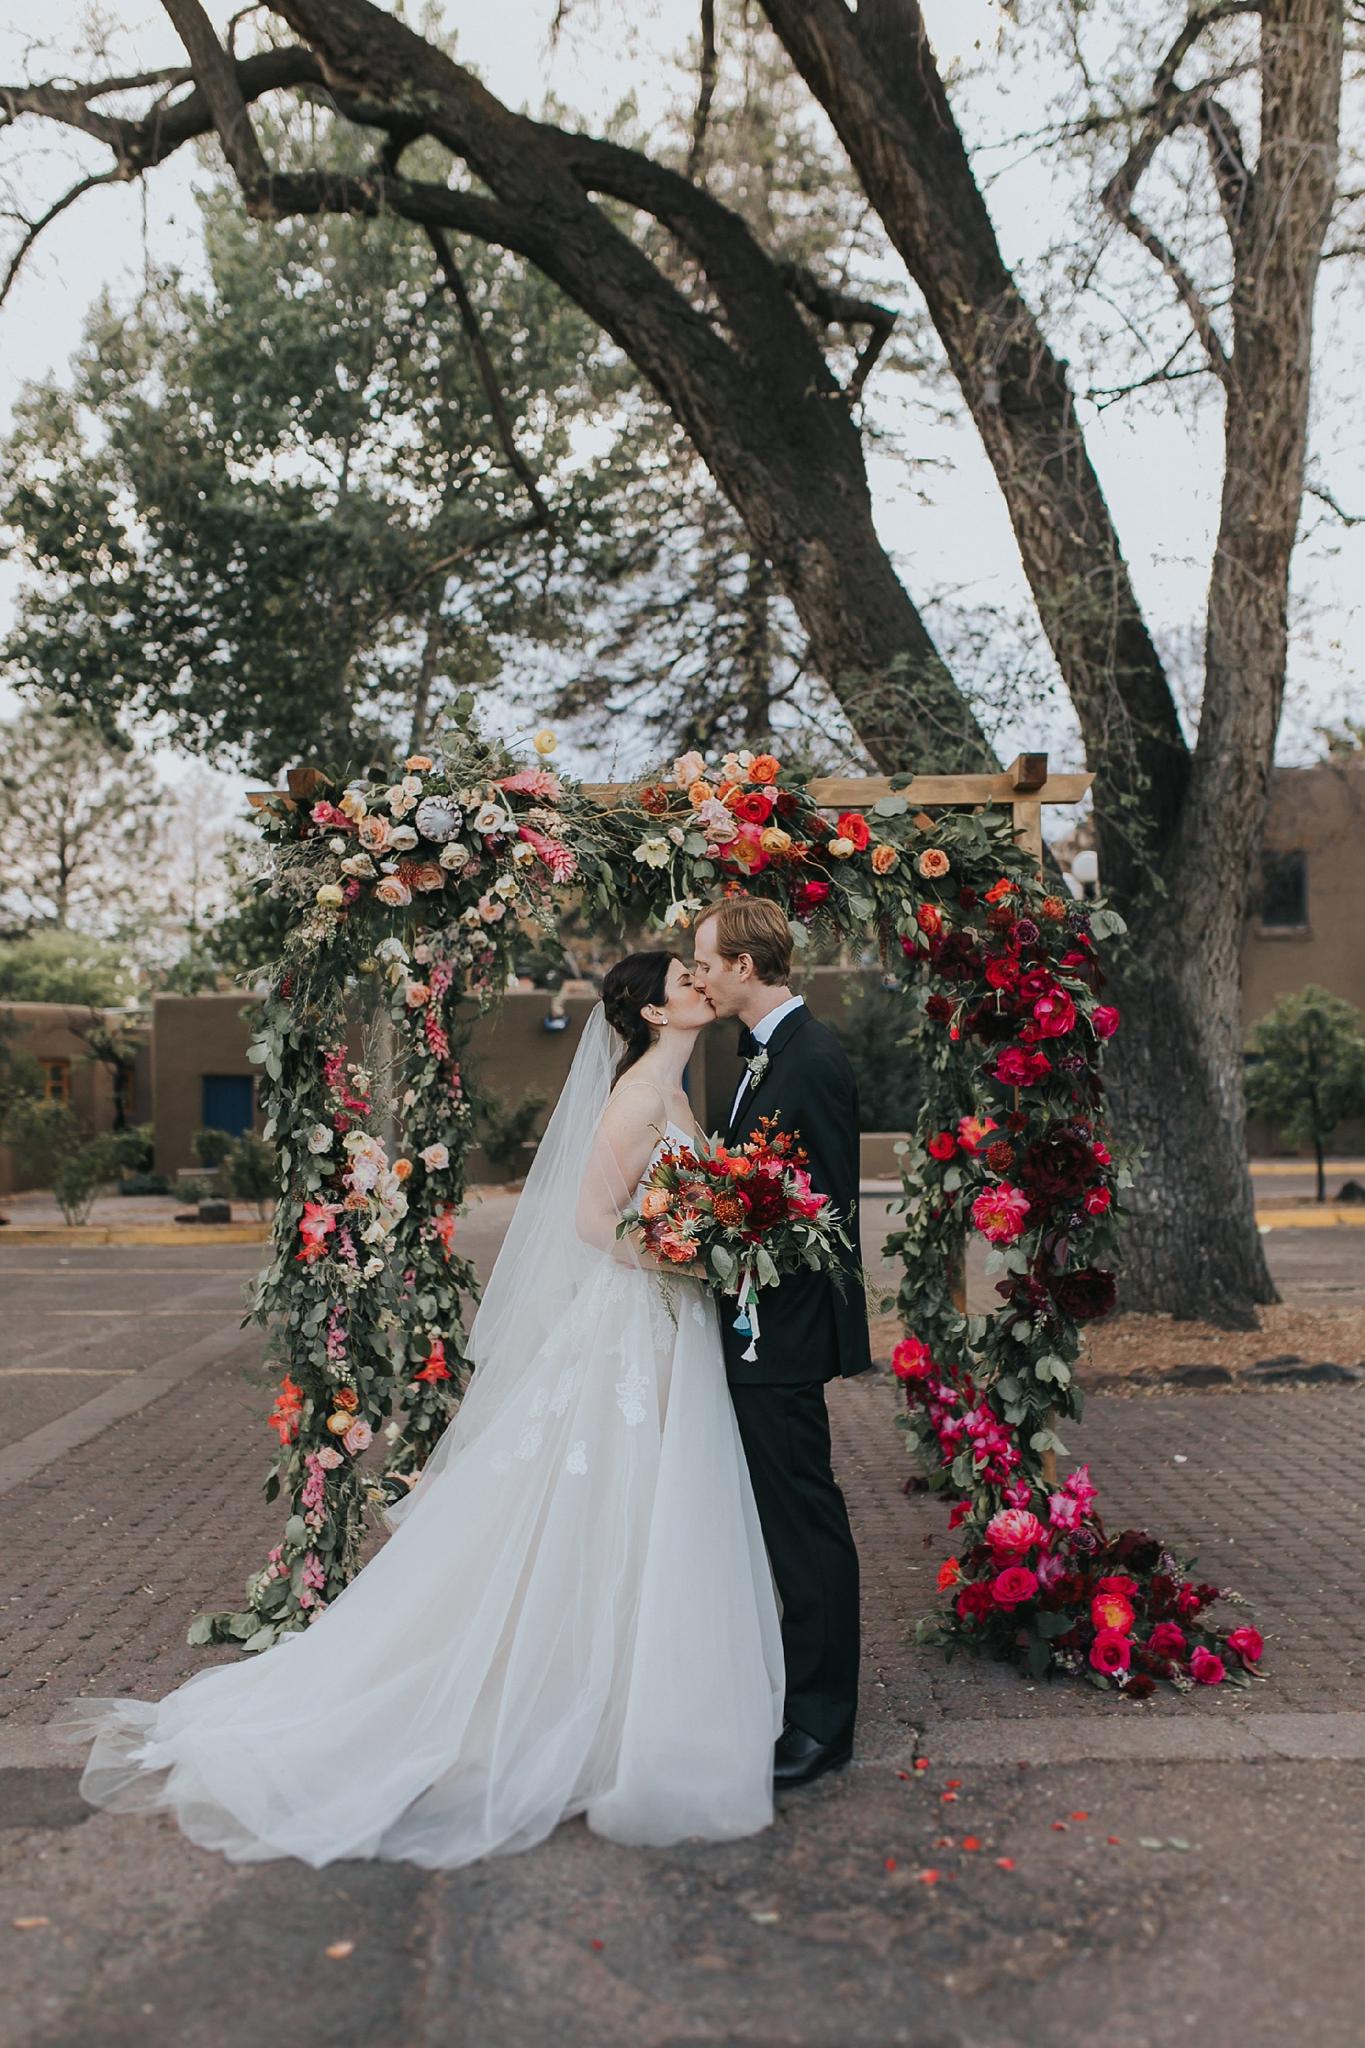 Alicia+lucia+photography+-+albuquerque+wedding+photographer+-+santa+fe+wedding+photography+-+new+mexico+wedding+photographer+-+wedding+ceremony+-+wedding+alter+-+floral+alter_0047.jpg